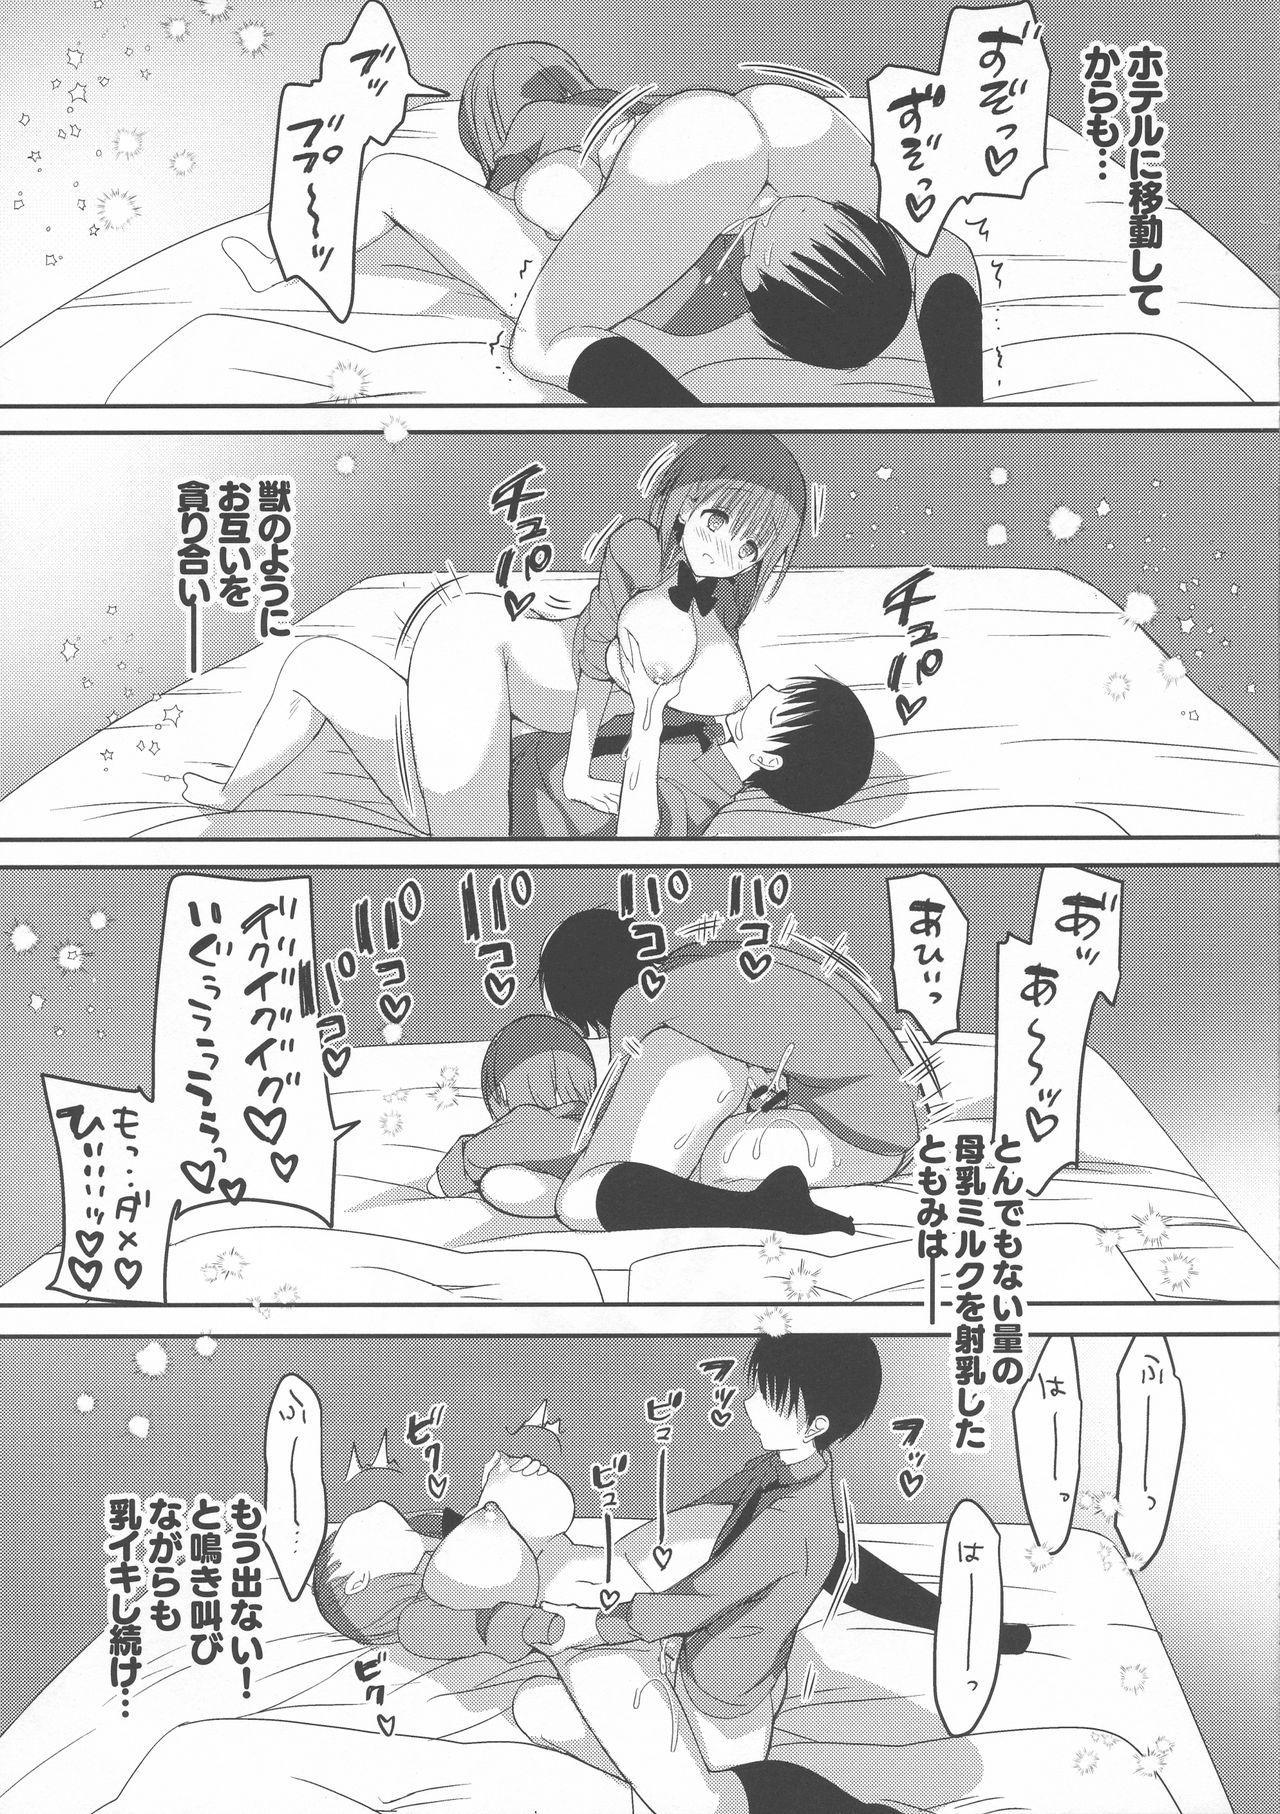 Bonyuu-chan wa Dashitai. 3 20